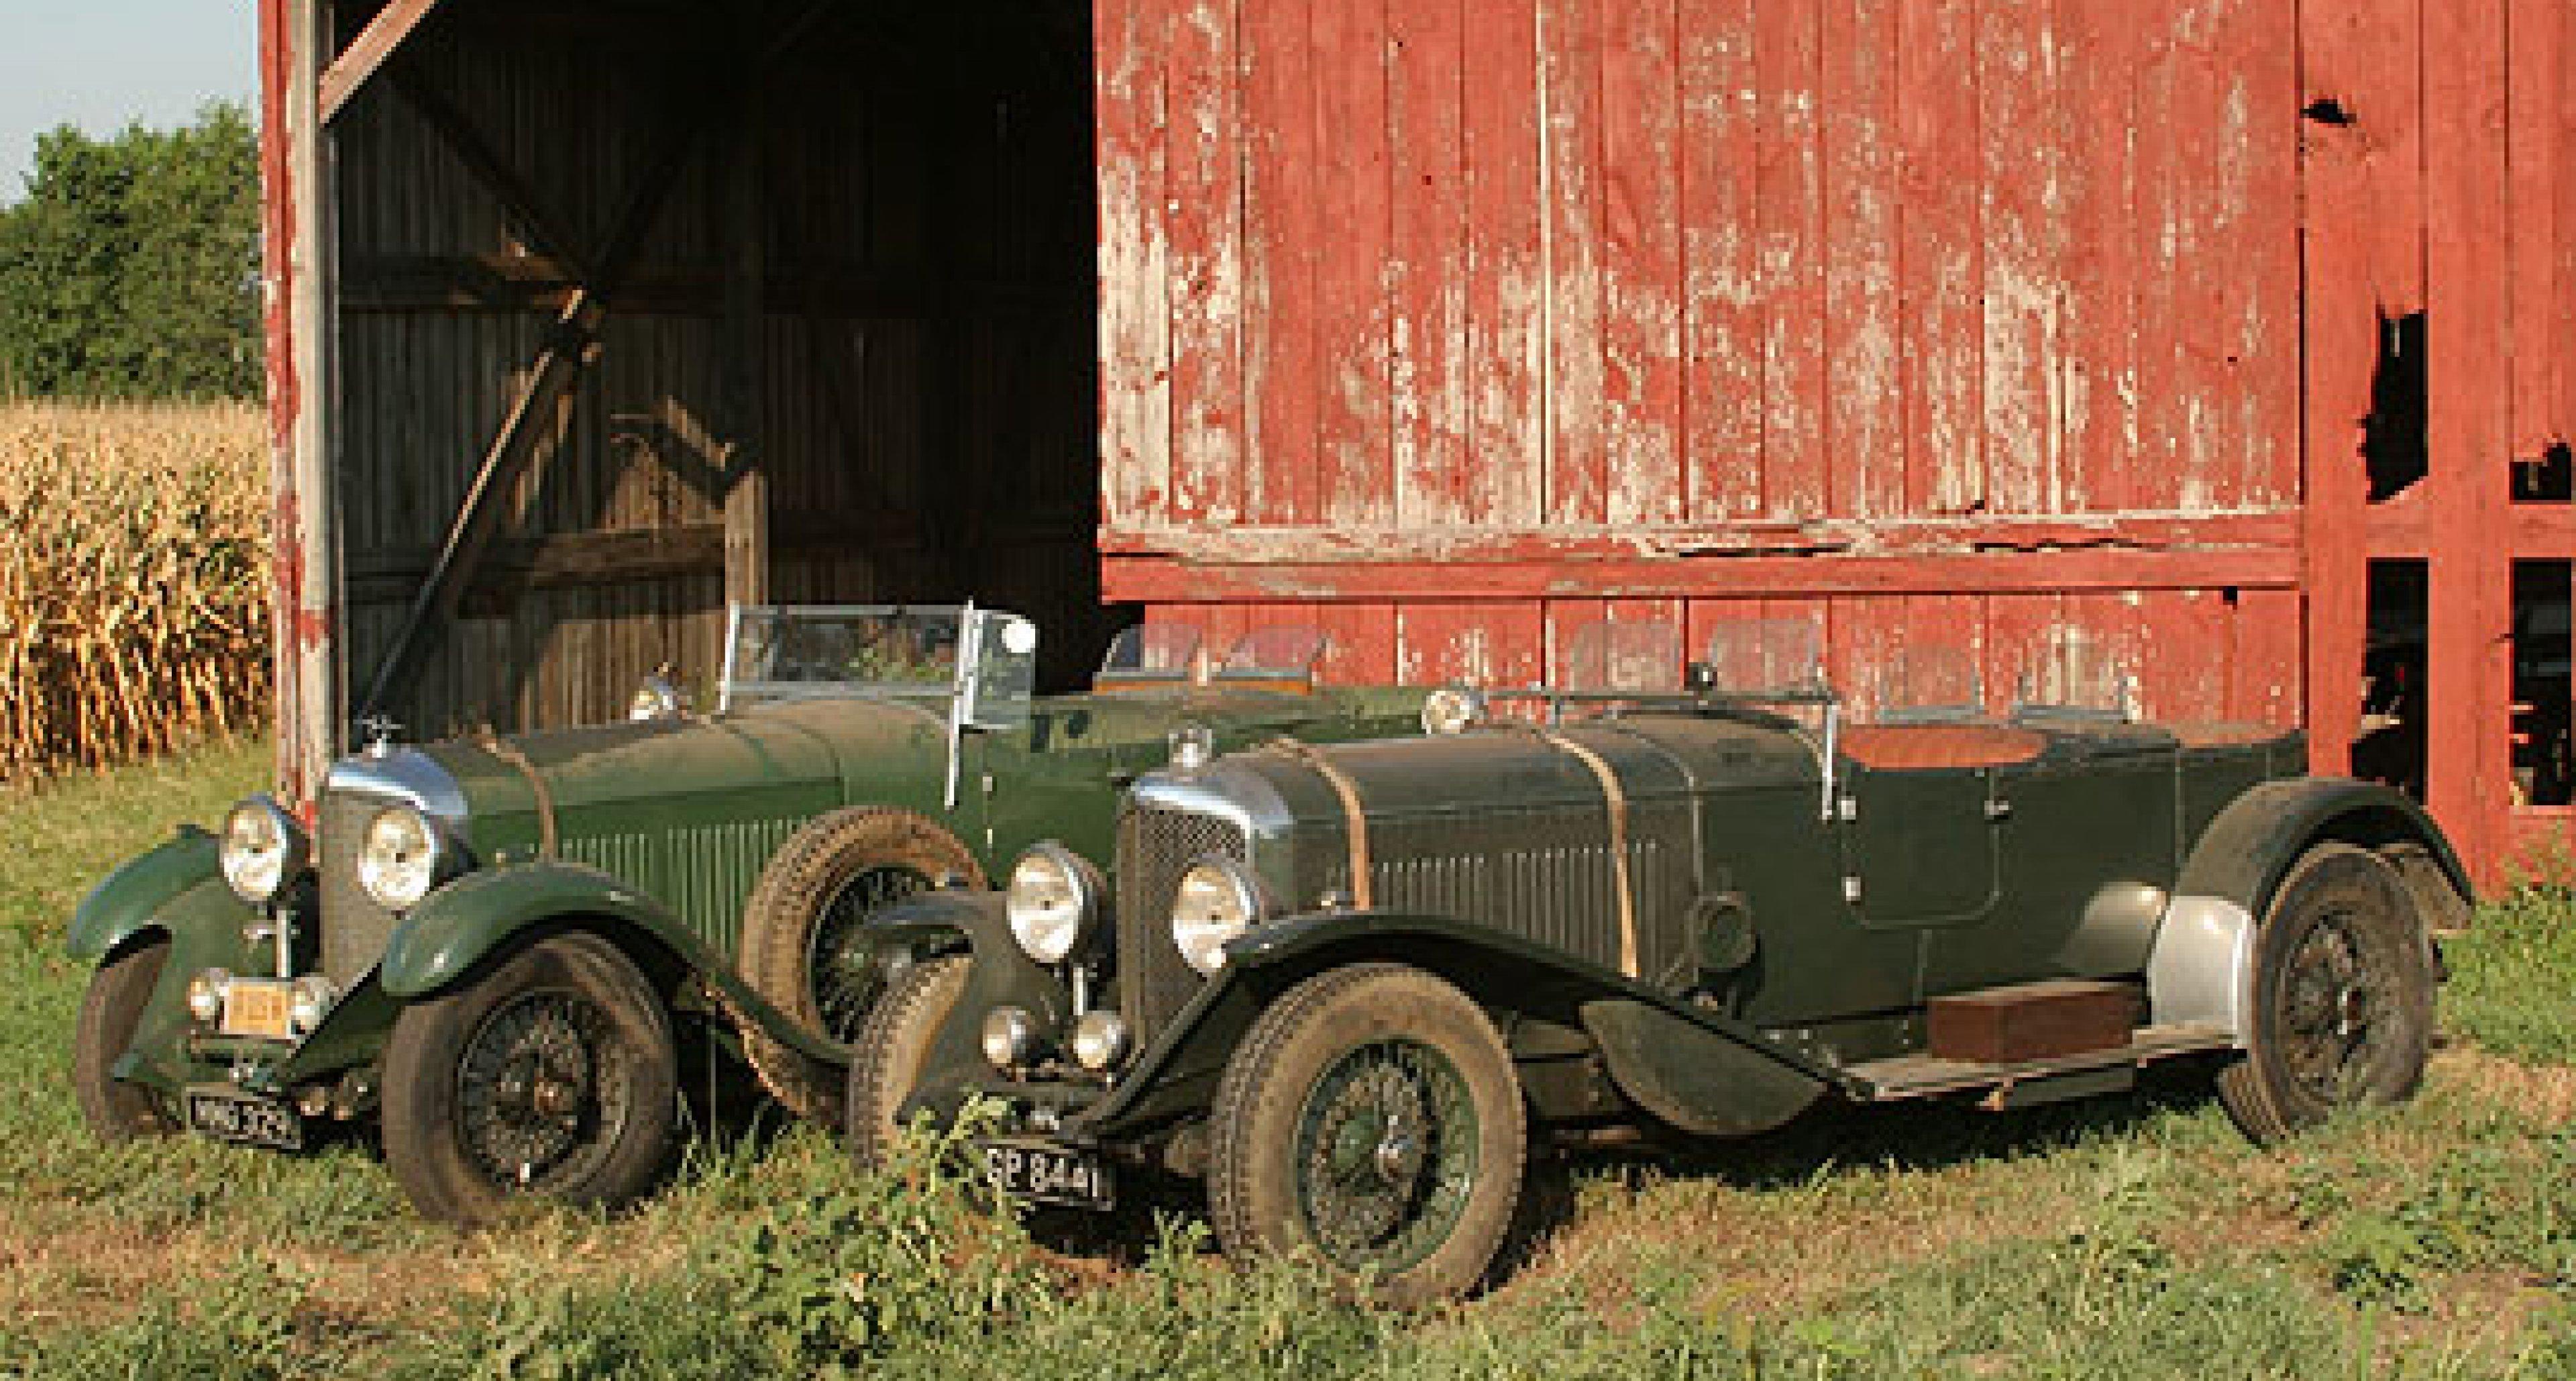 8-Litre Bentley Barn-Finds